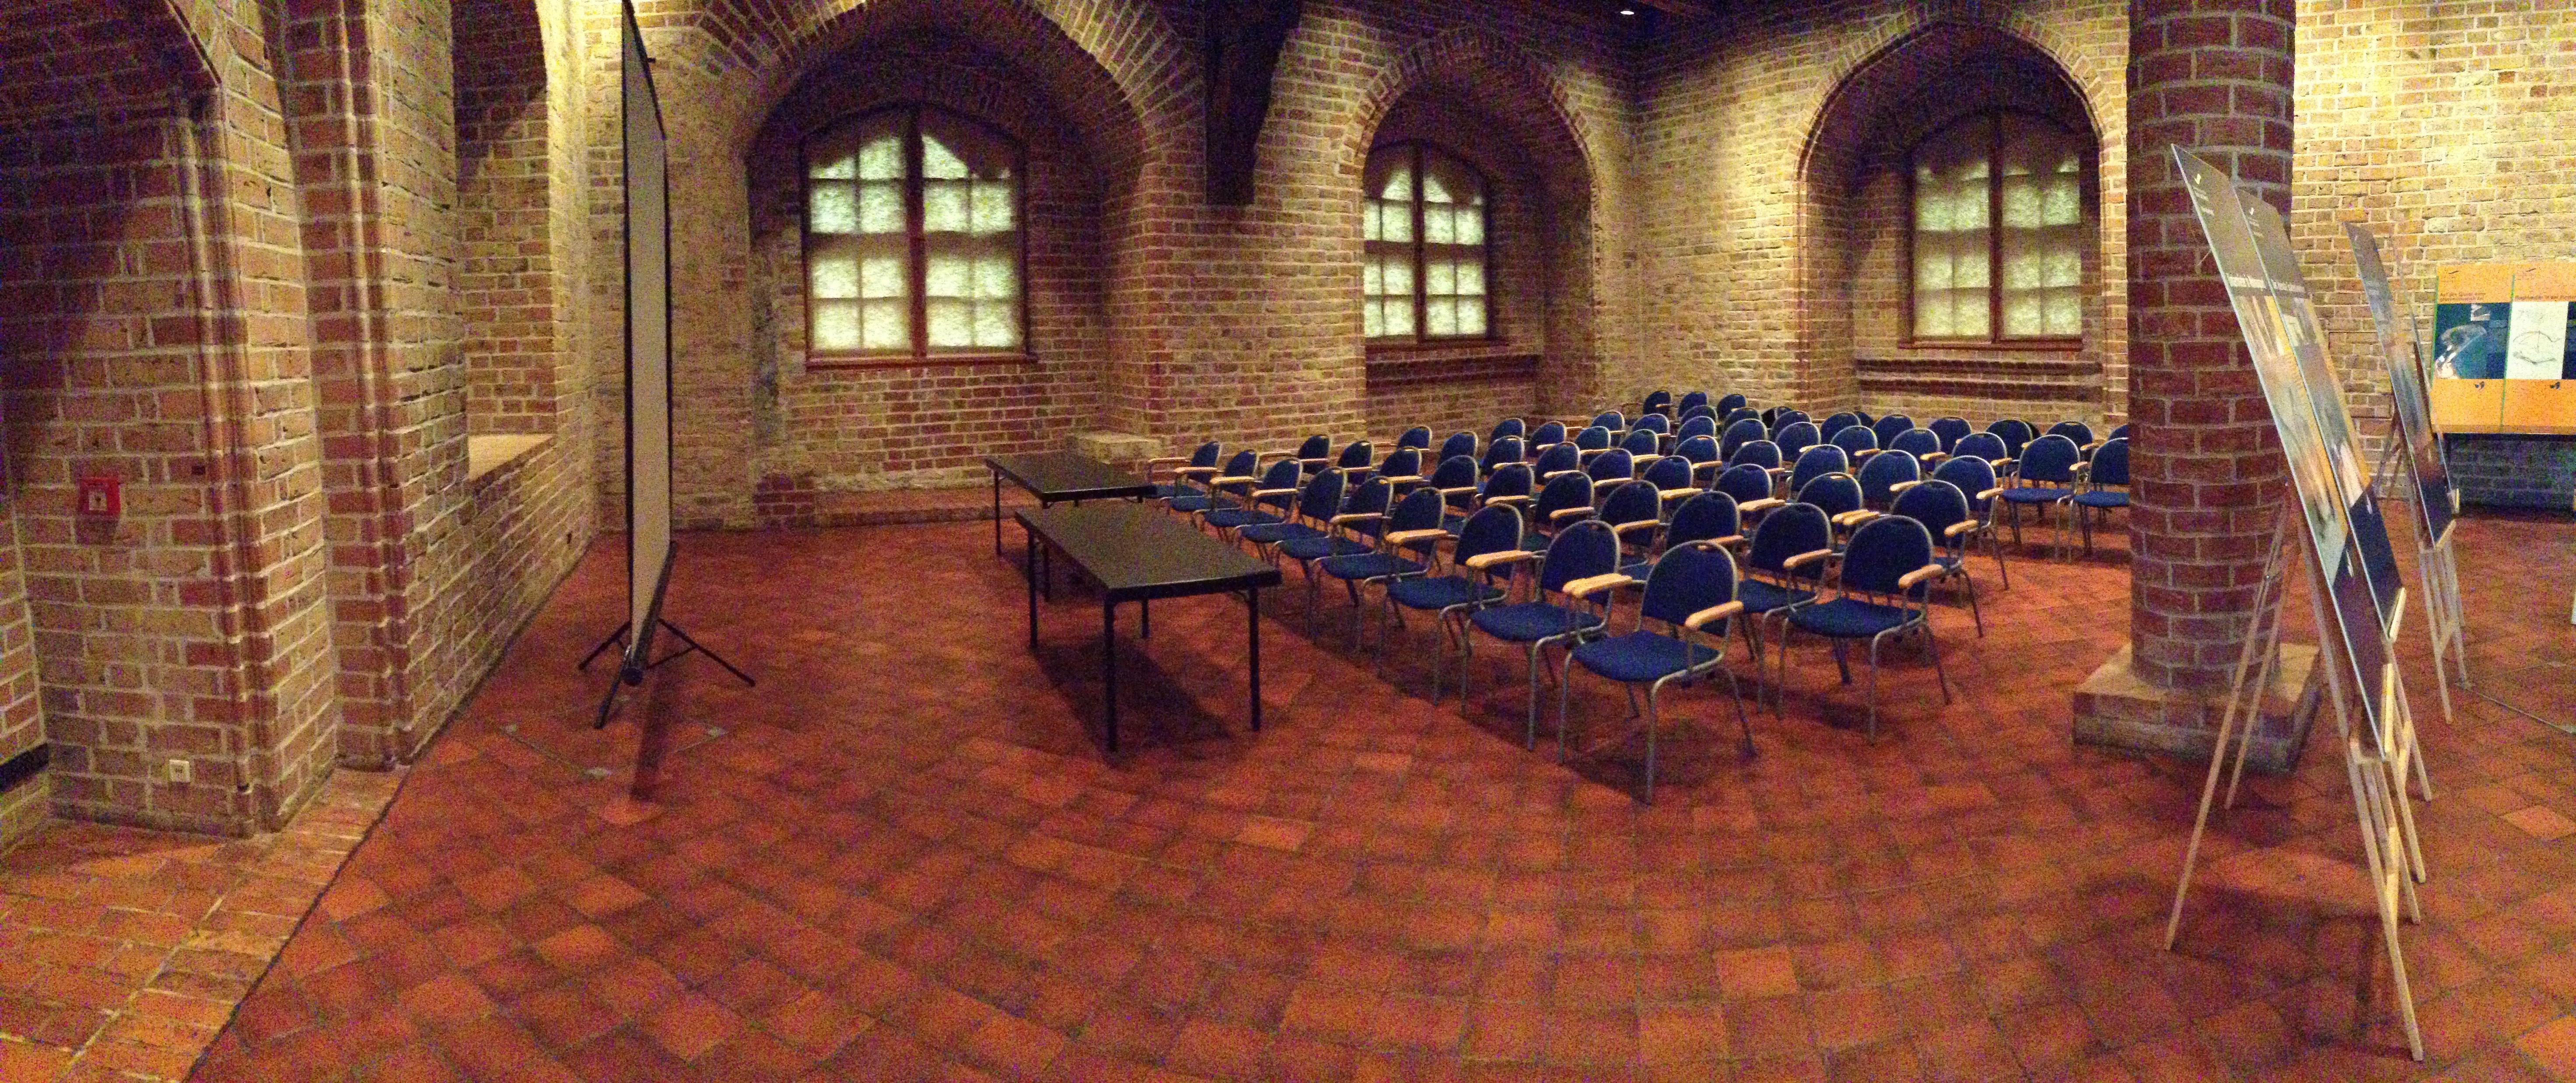 Gotischer Saal in der Zitadelle Spandau